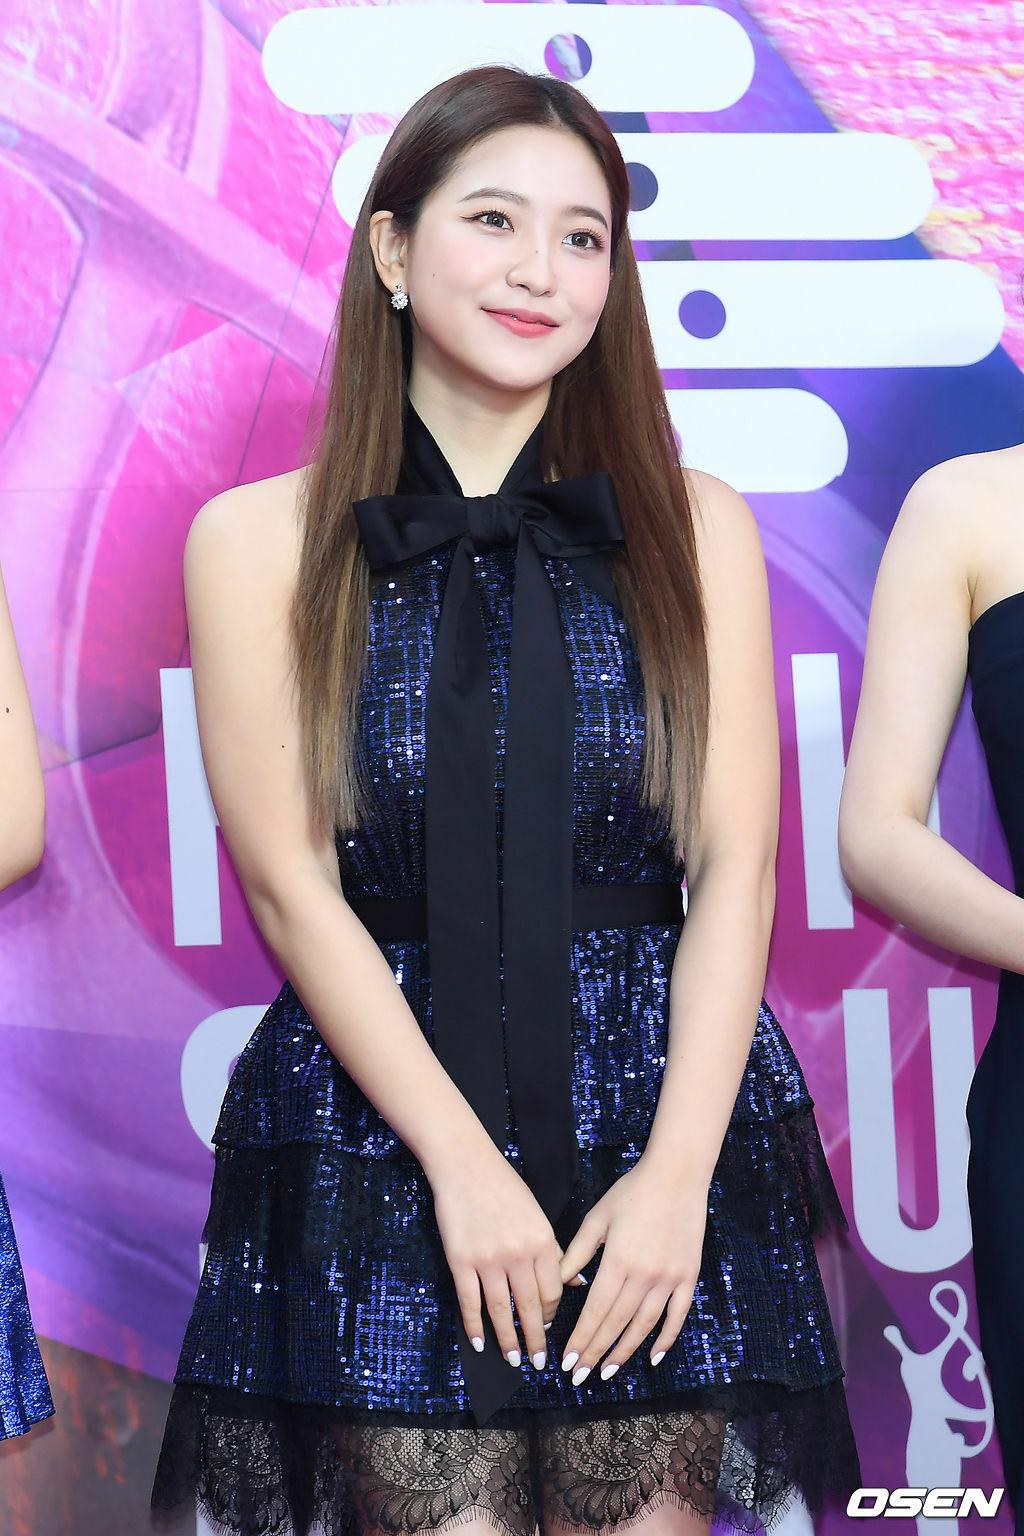 Cùng diện mẫu váy xếp tầng lấp lánh nay nhưng em út Yeri (Red Velvet) lại khoe vẻ đẹp đầy trong sáng và dịu dàng đúng chuẩn em gái nhà bên.